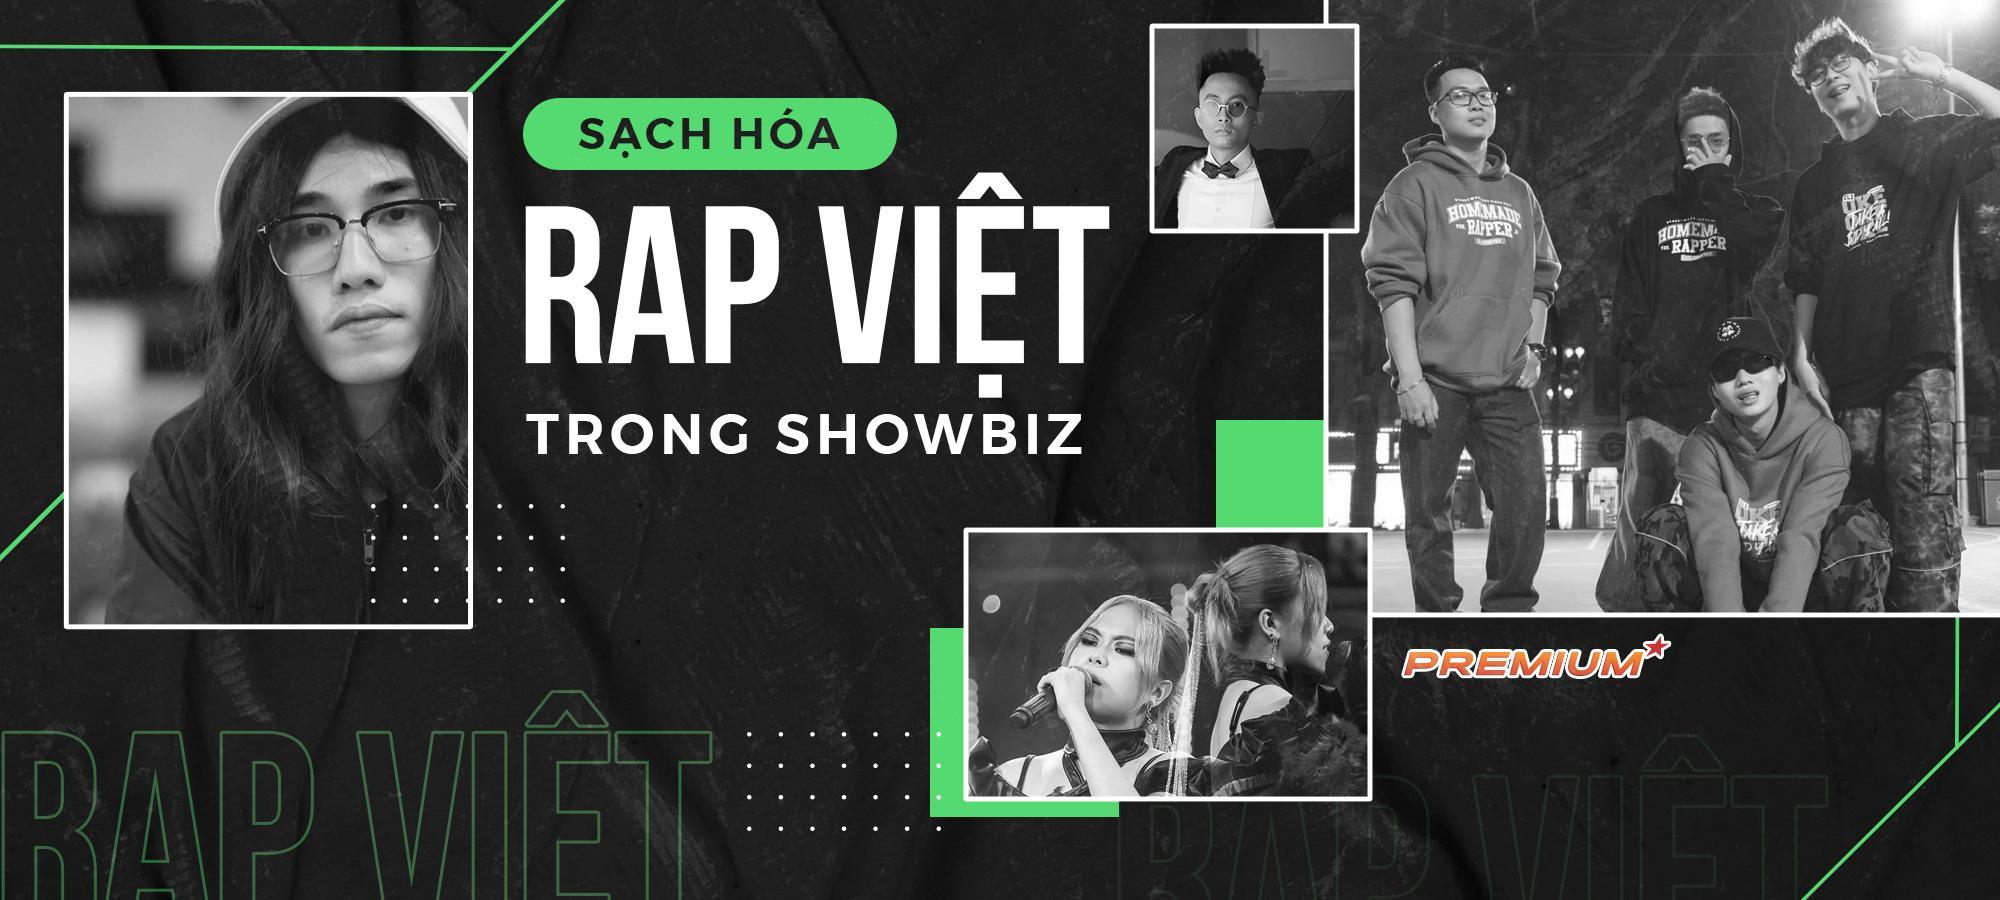 Sạch hóa rap Việt trong showbiz